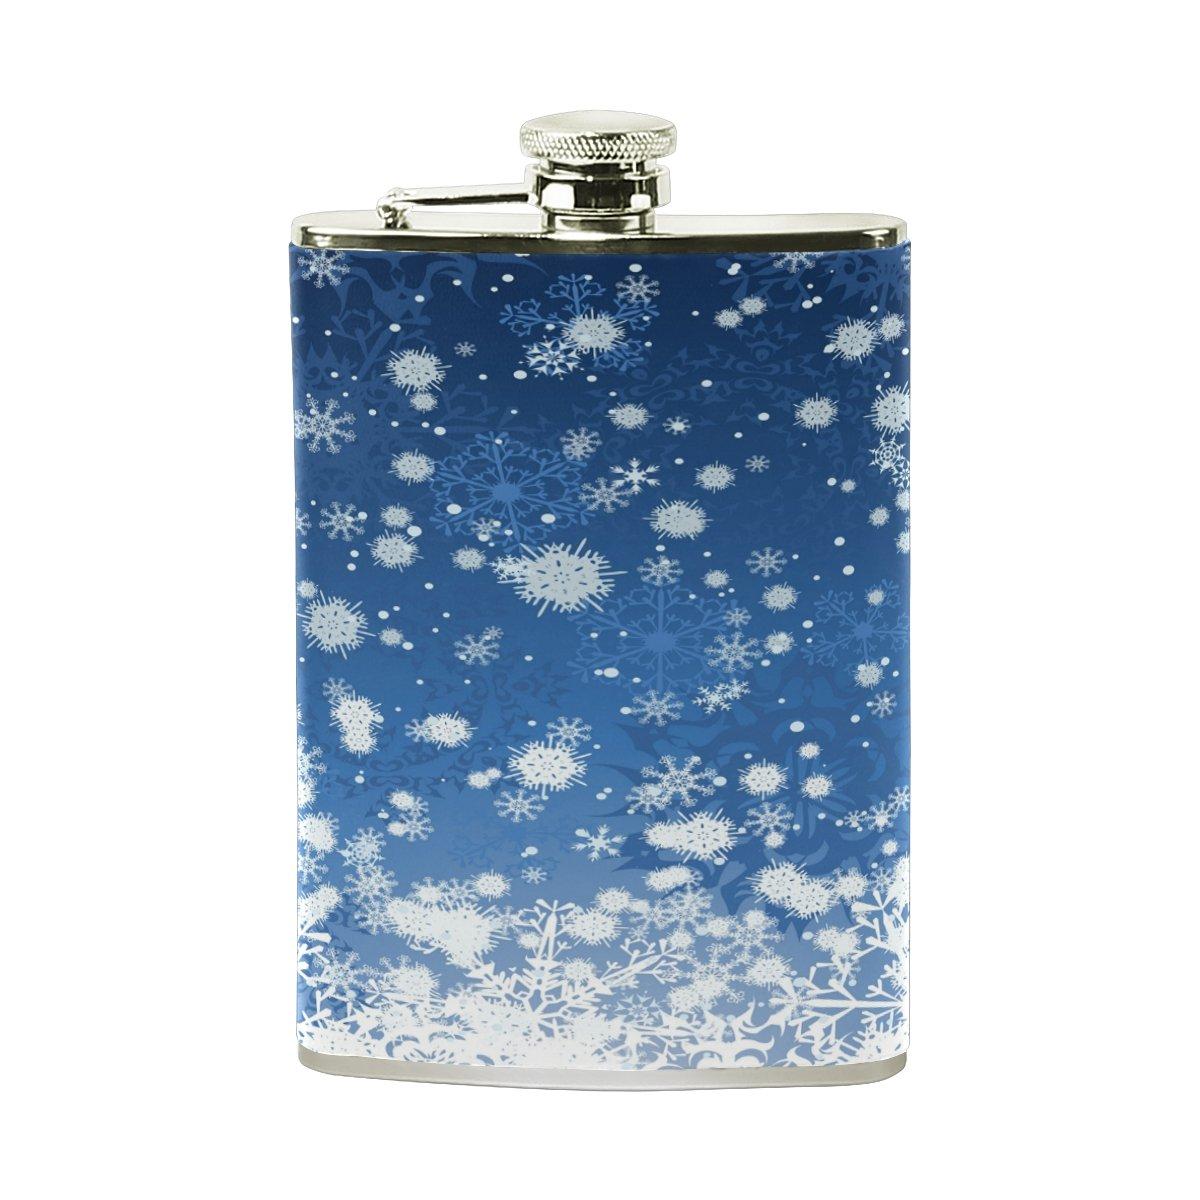 【タイムセール!】 Alaza Snowflageヒップフラスコステンレススチール8オンスポケットショットのフラスコLiquor Whiskey VodkaラムPUレザーWrapped % Proof 100 % Leak Proof Whiskey B075ZSGP44, APOA:43329791 --- a0267596.xsph.ru